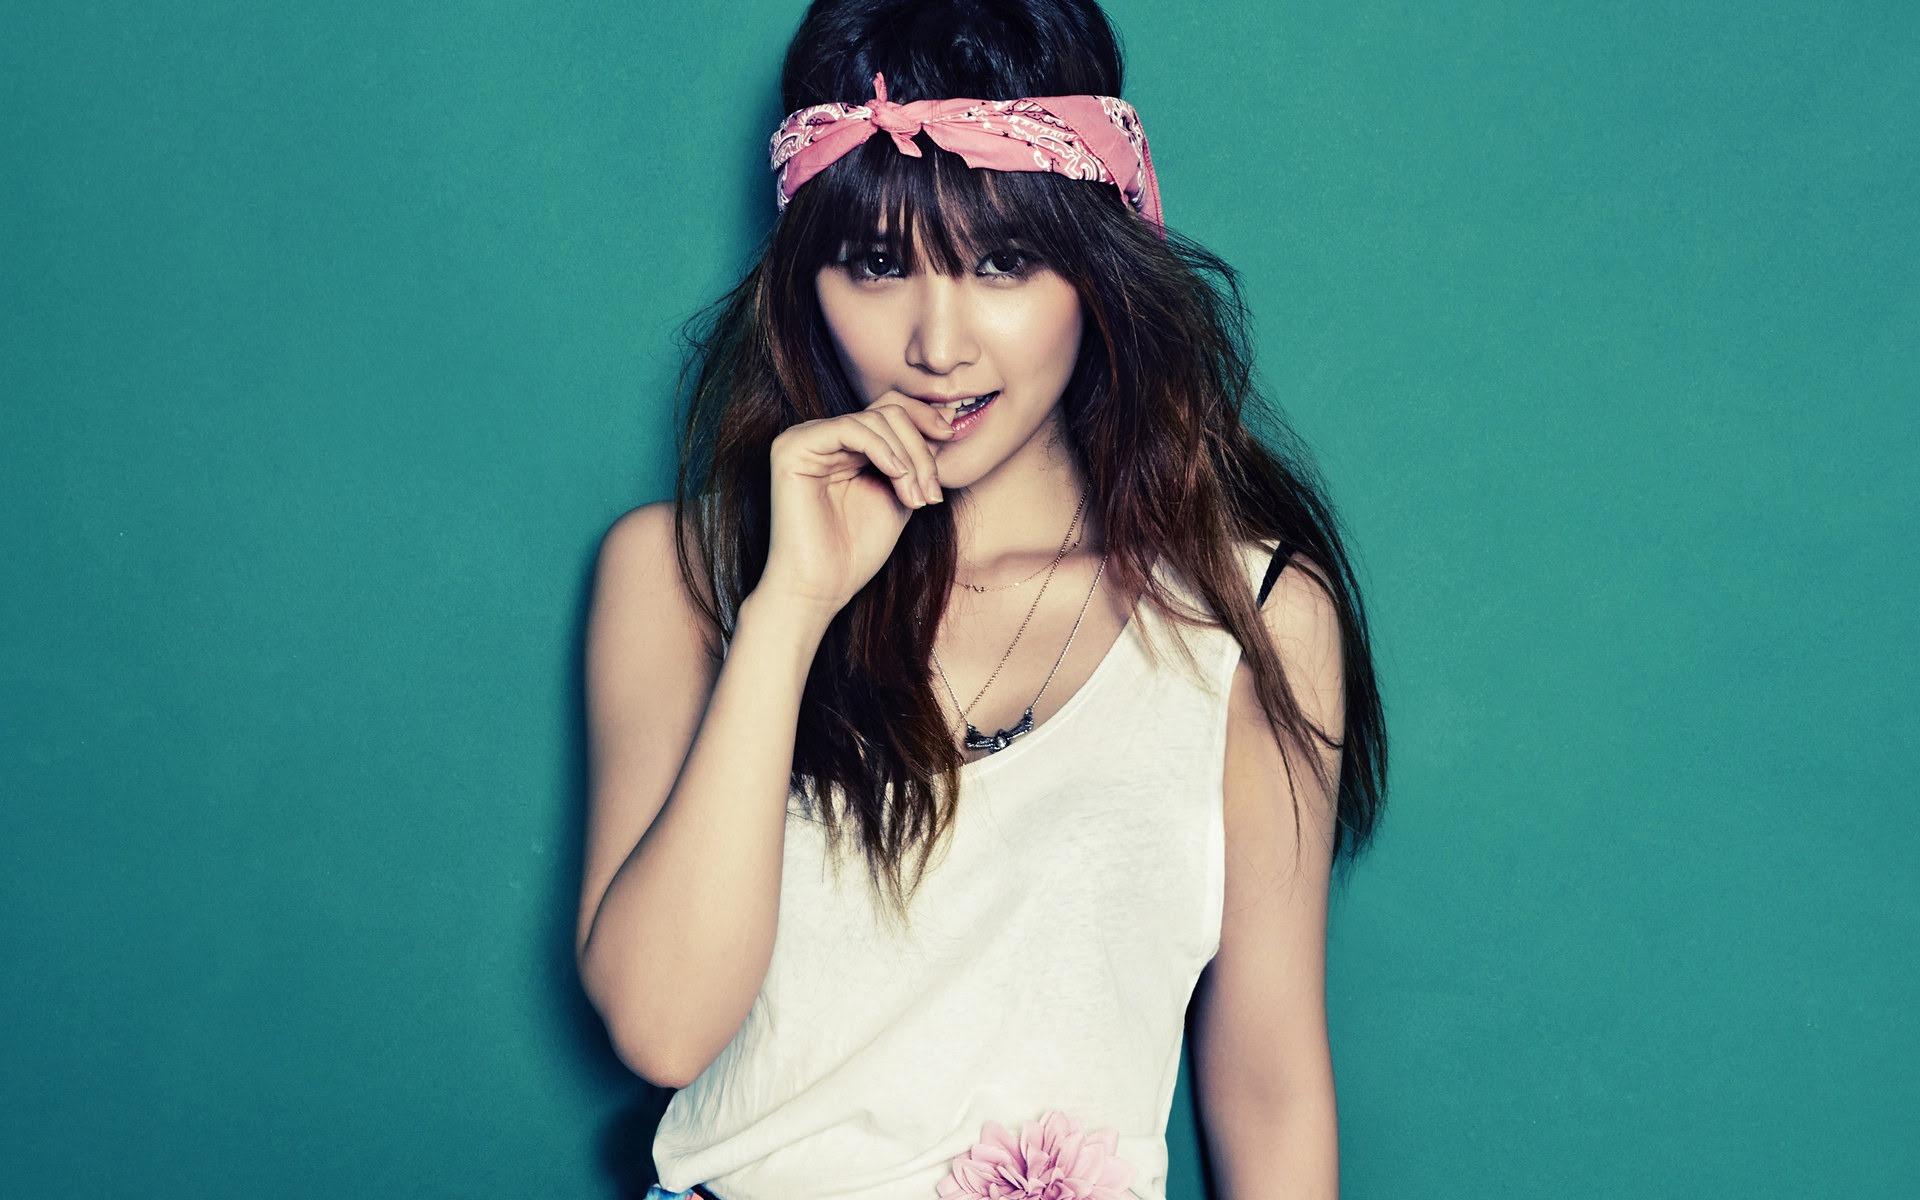 Spica スピカ韓国の女の子の音楽アイドル組み合わせのhdの壁紙 22